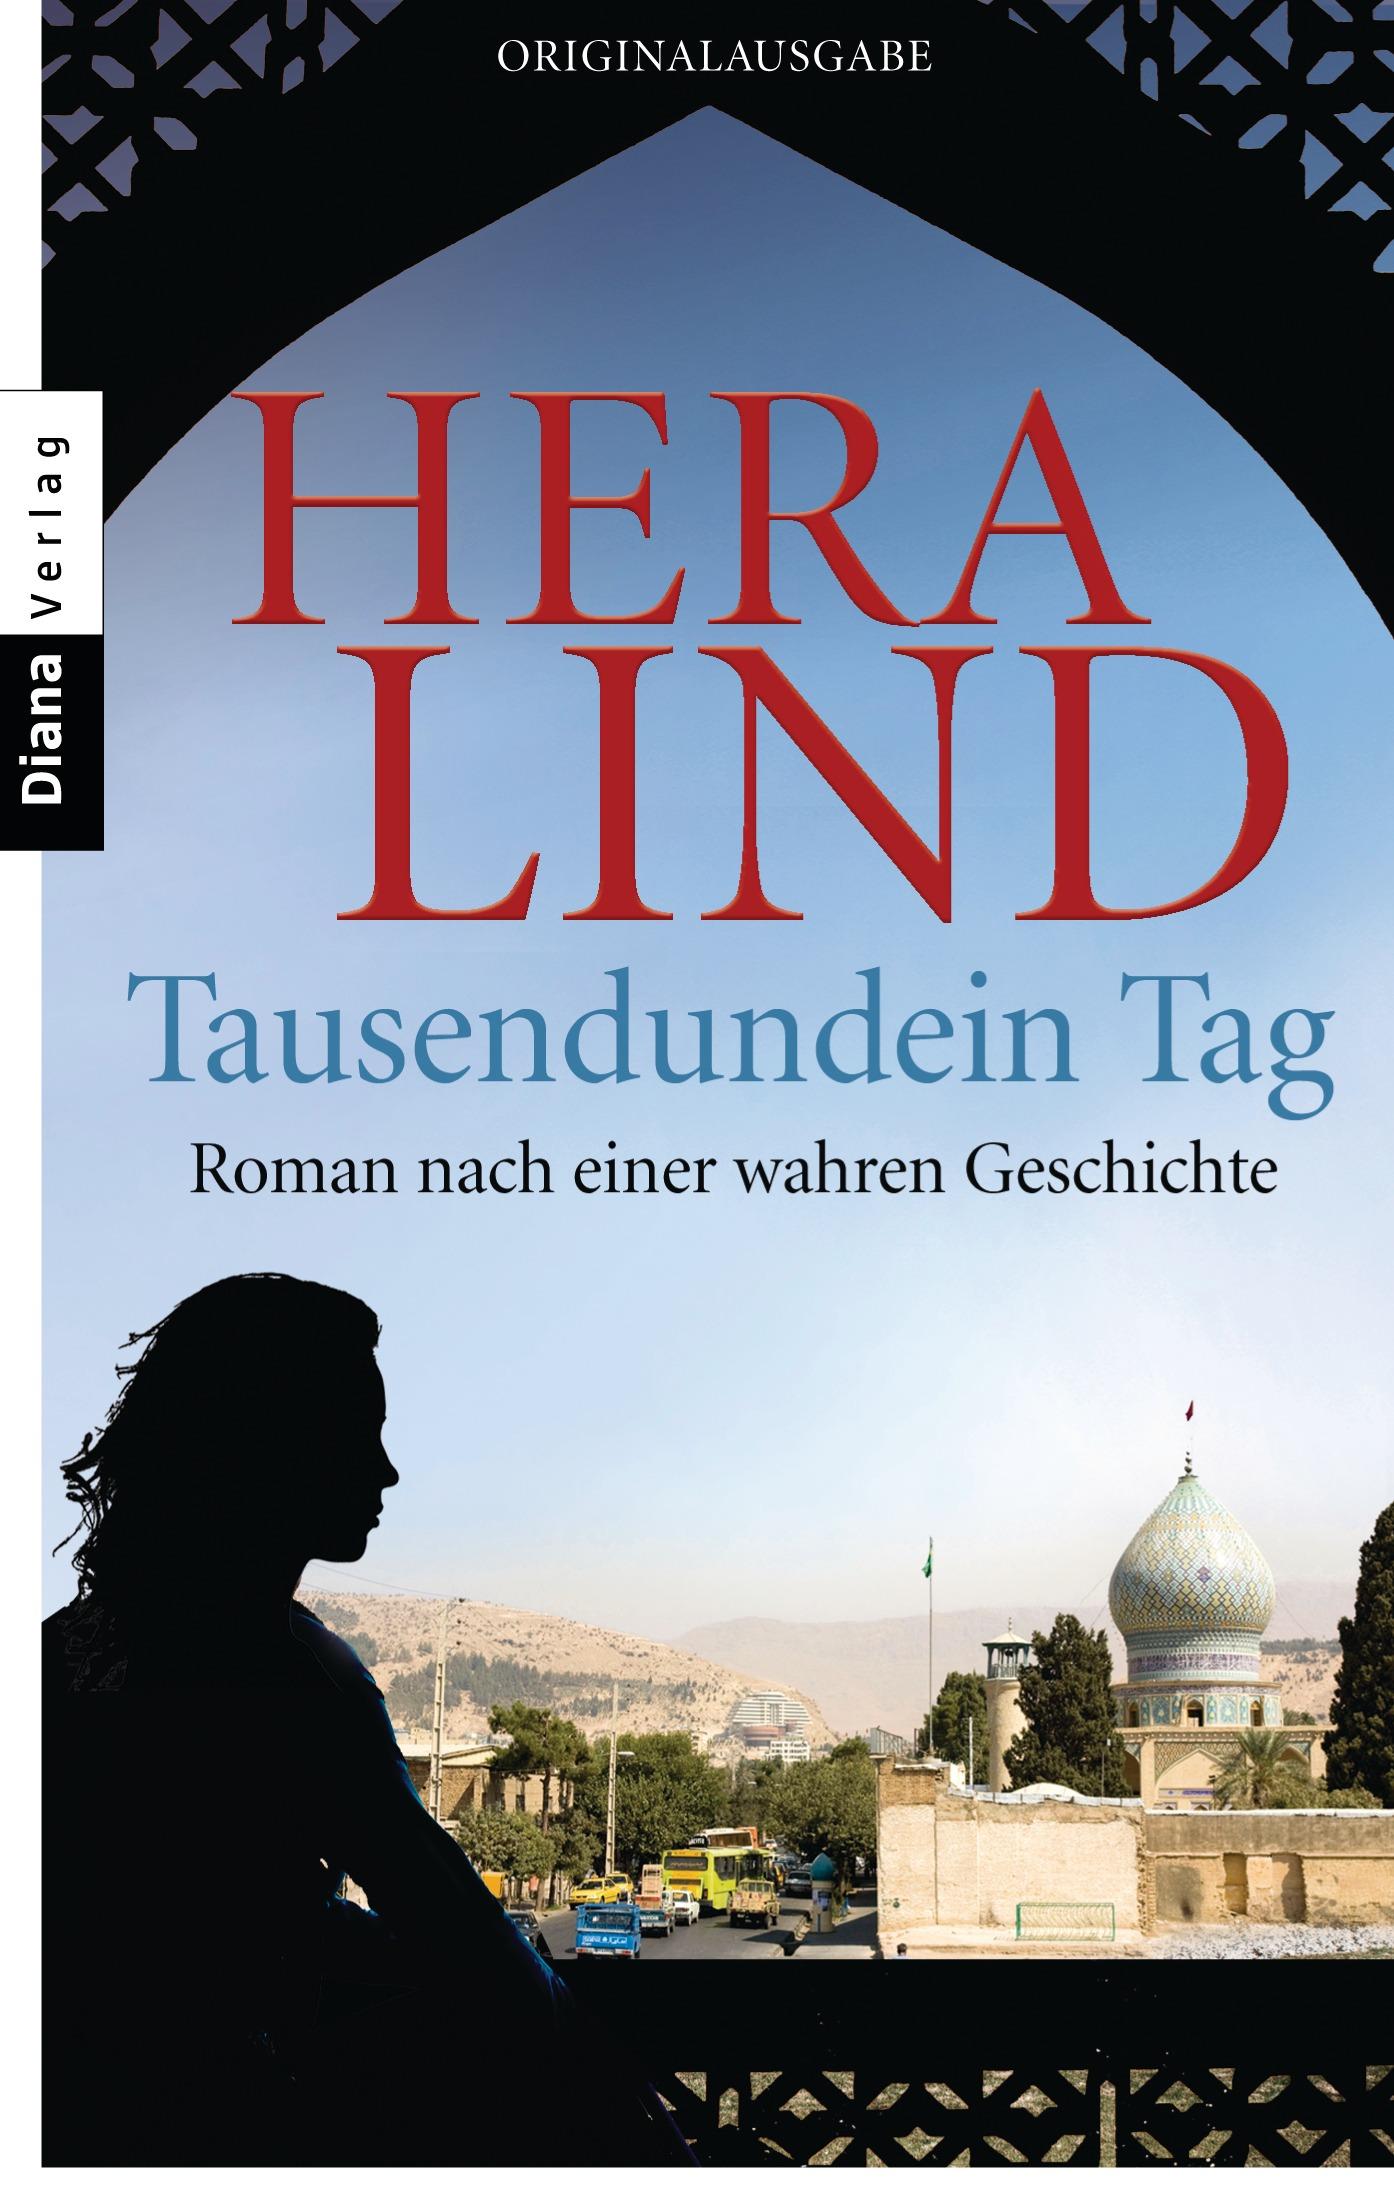 Tausendundein Tag: Roman nach einer wahren Geschichte - Hera Lind [Taschenbuch]